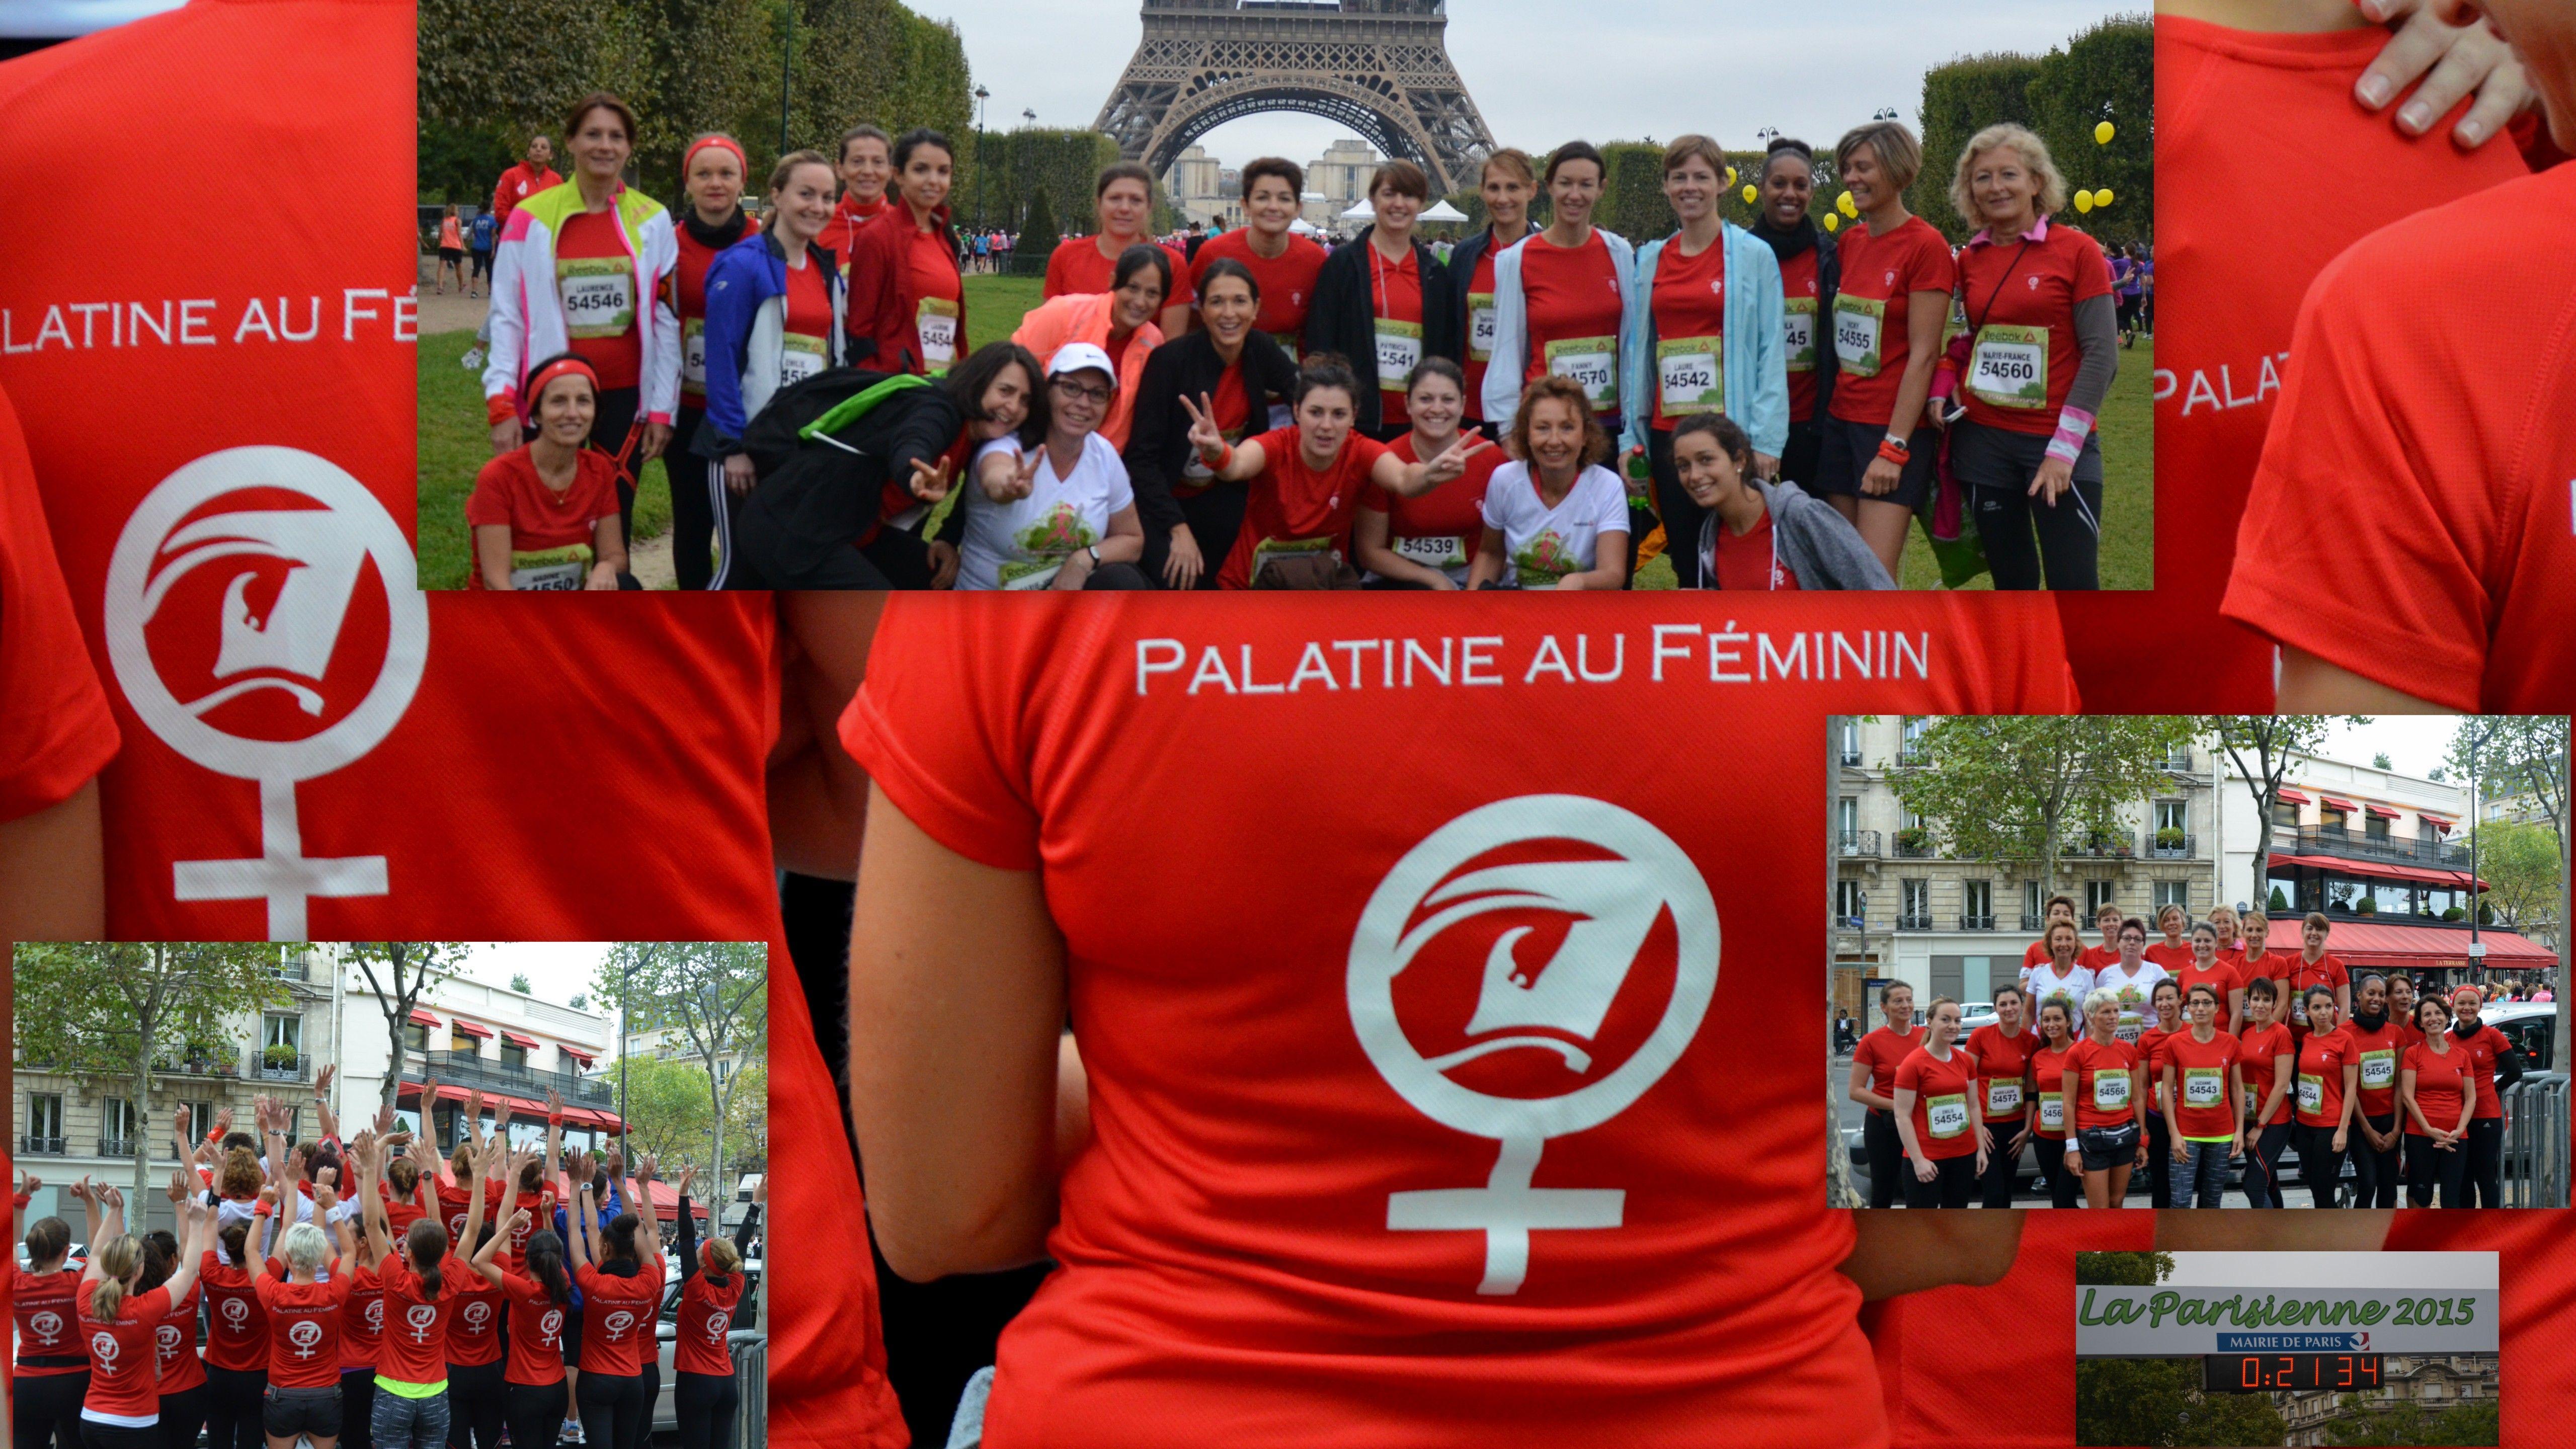 Participation du réseau Palatine au Féminin à la course «La Parisienne»